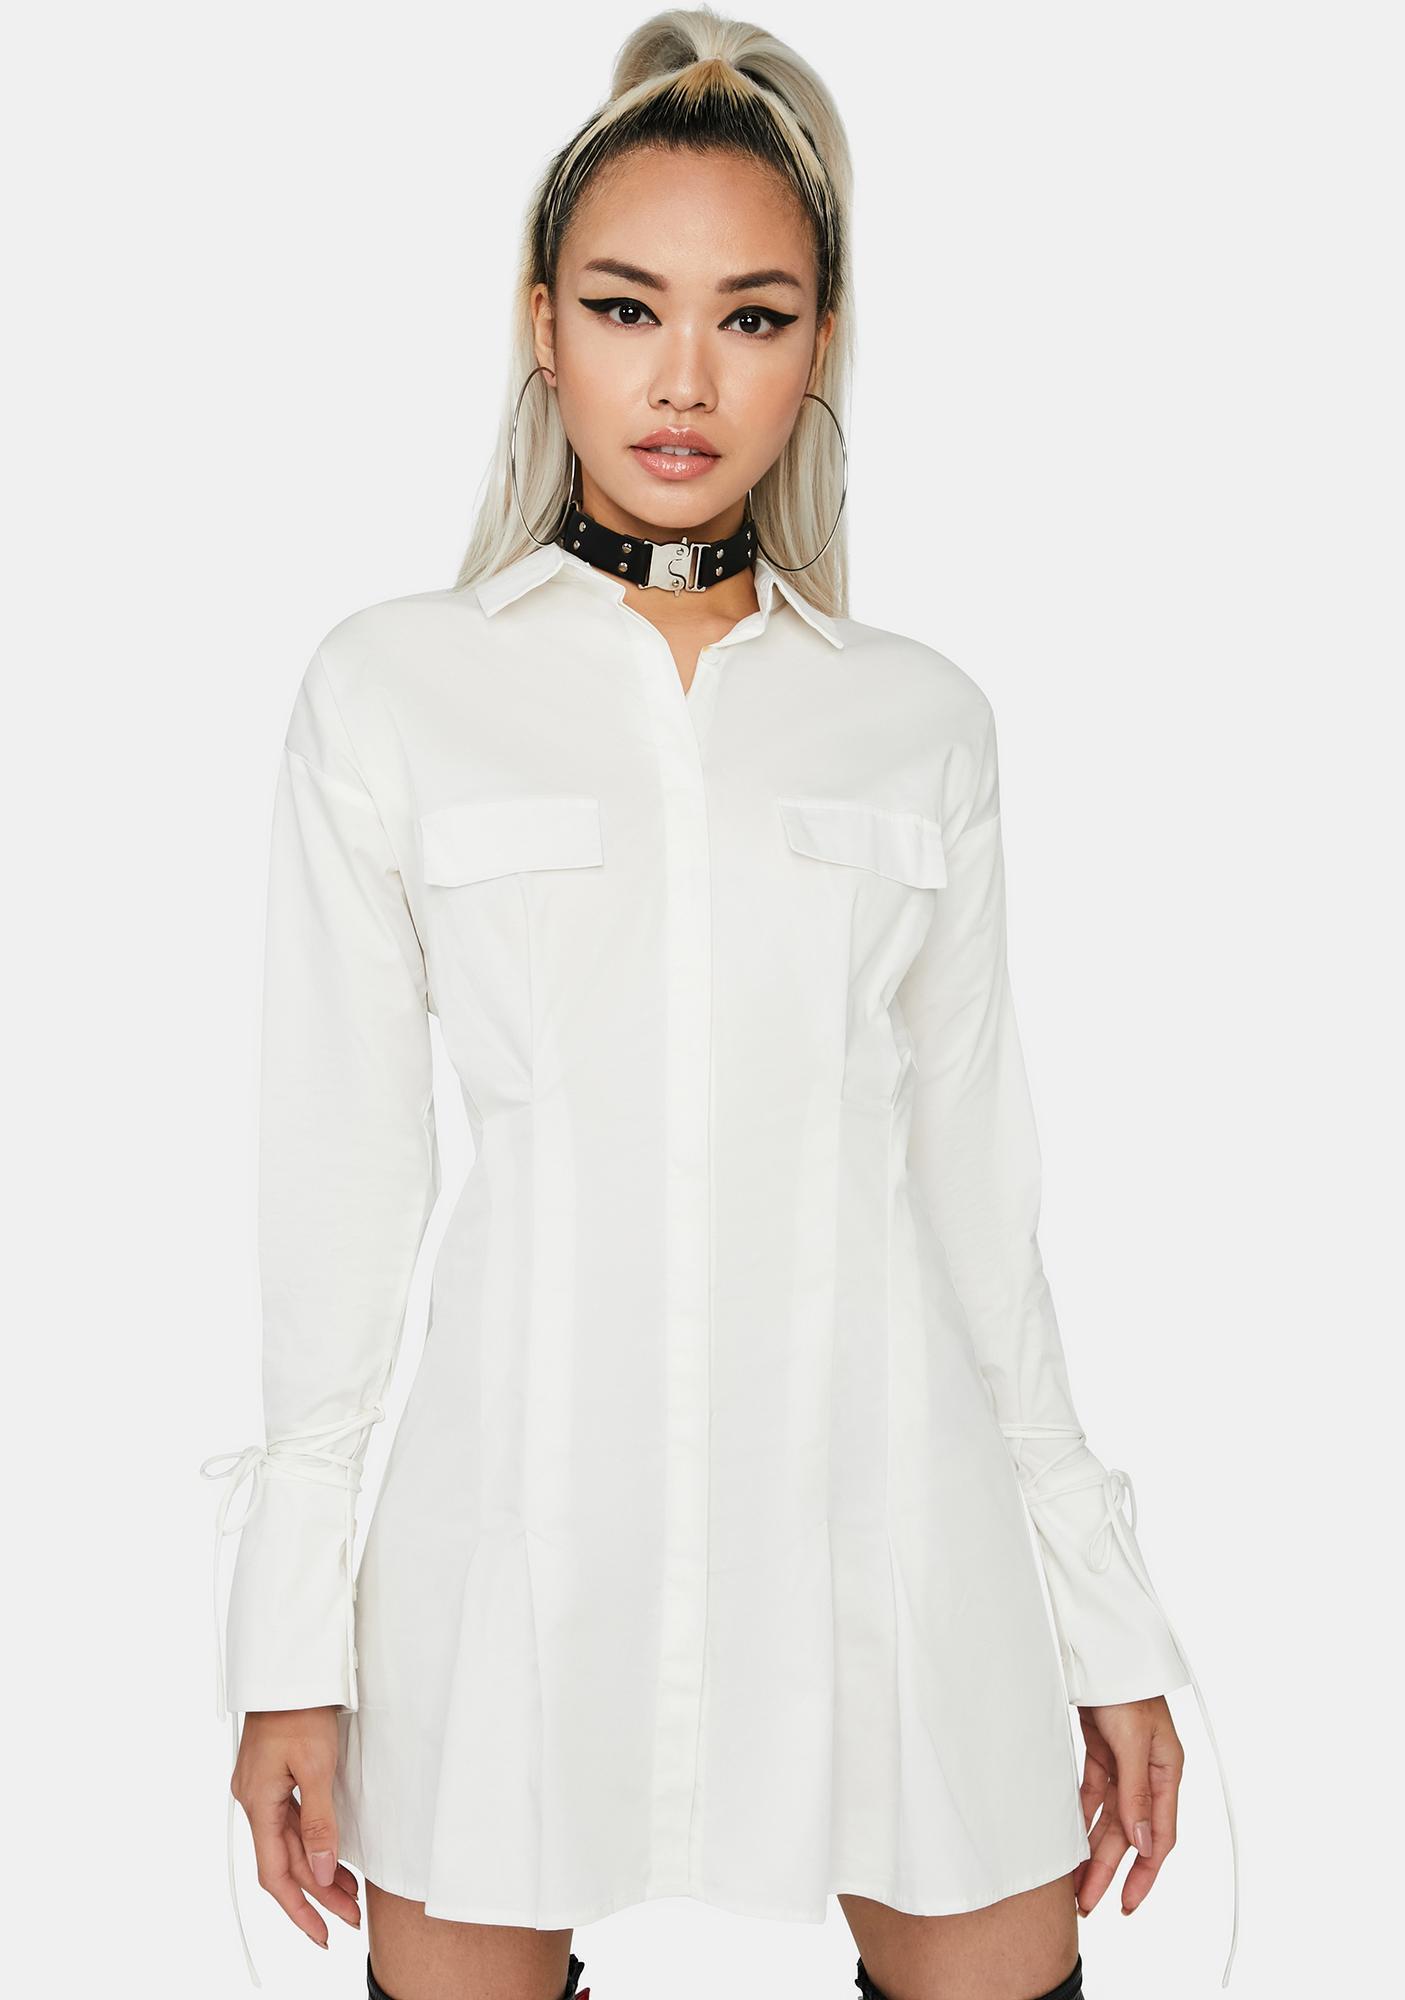 Candid Shot Shirt Dress